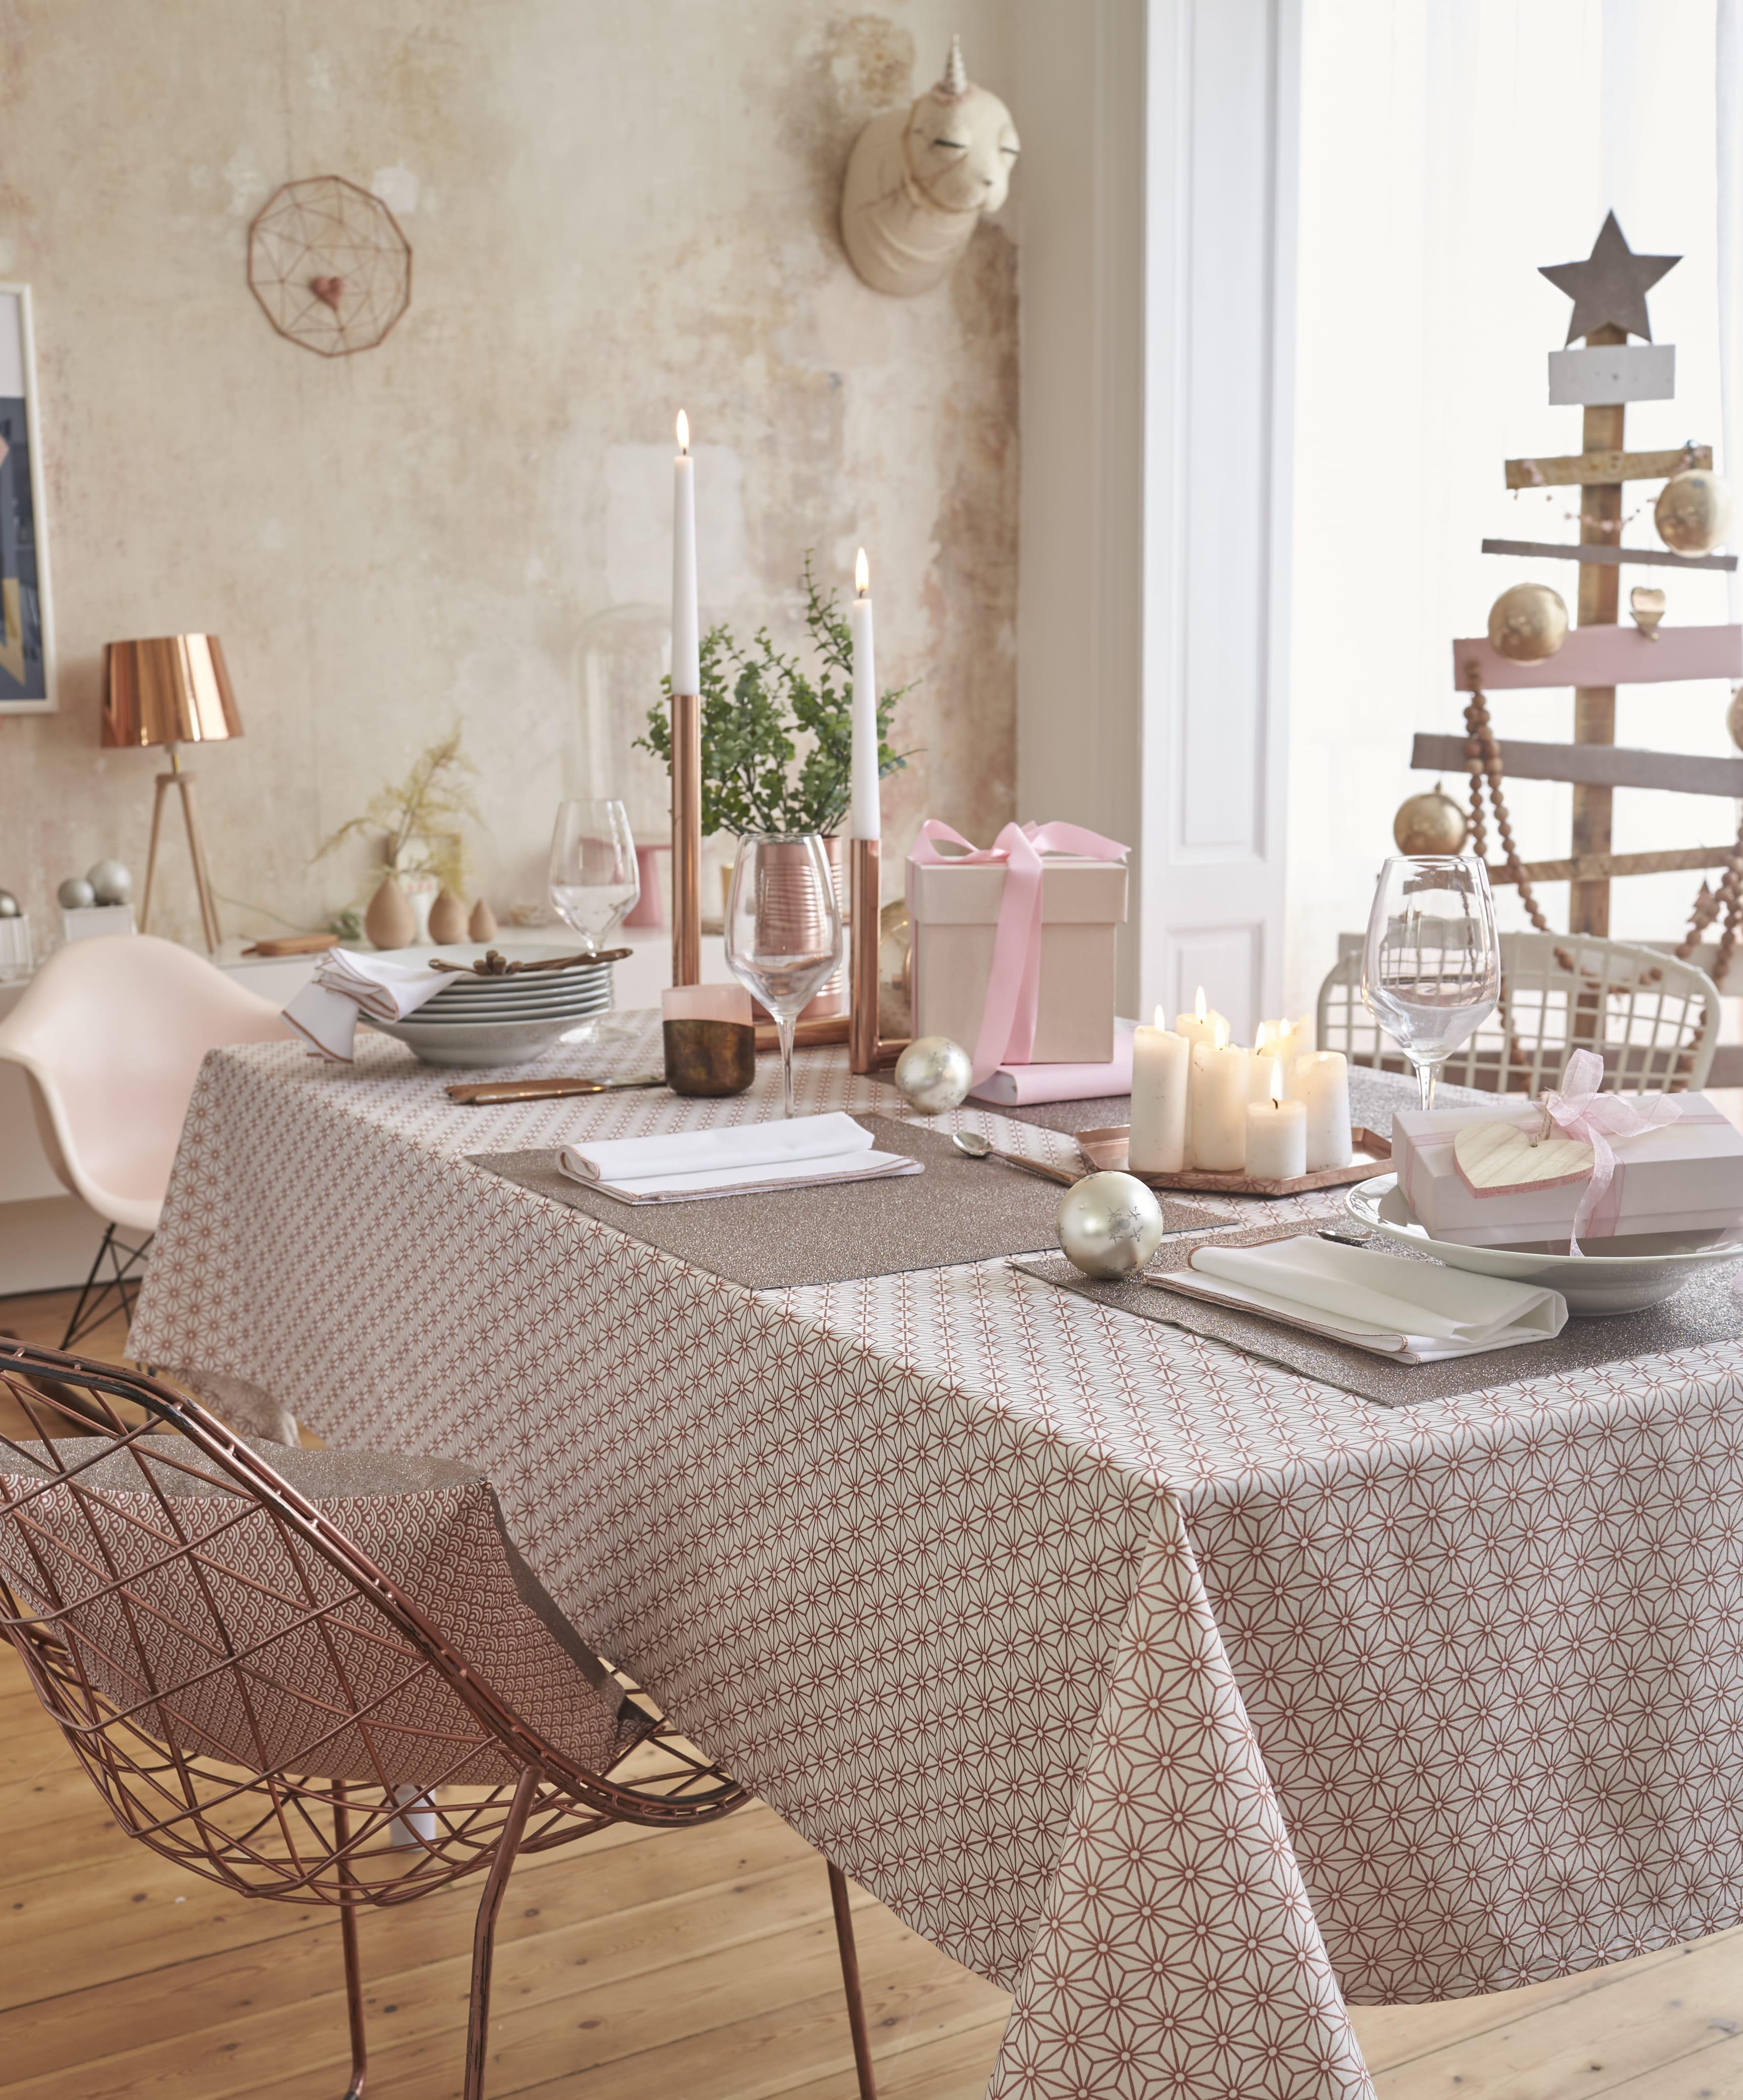 #826249 Déco De Noël : Comment Ne Pas Tomber Dans Le Kitsch 6089 decoration de noel truffaut 3456x4165 px @ aertt.com